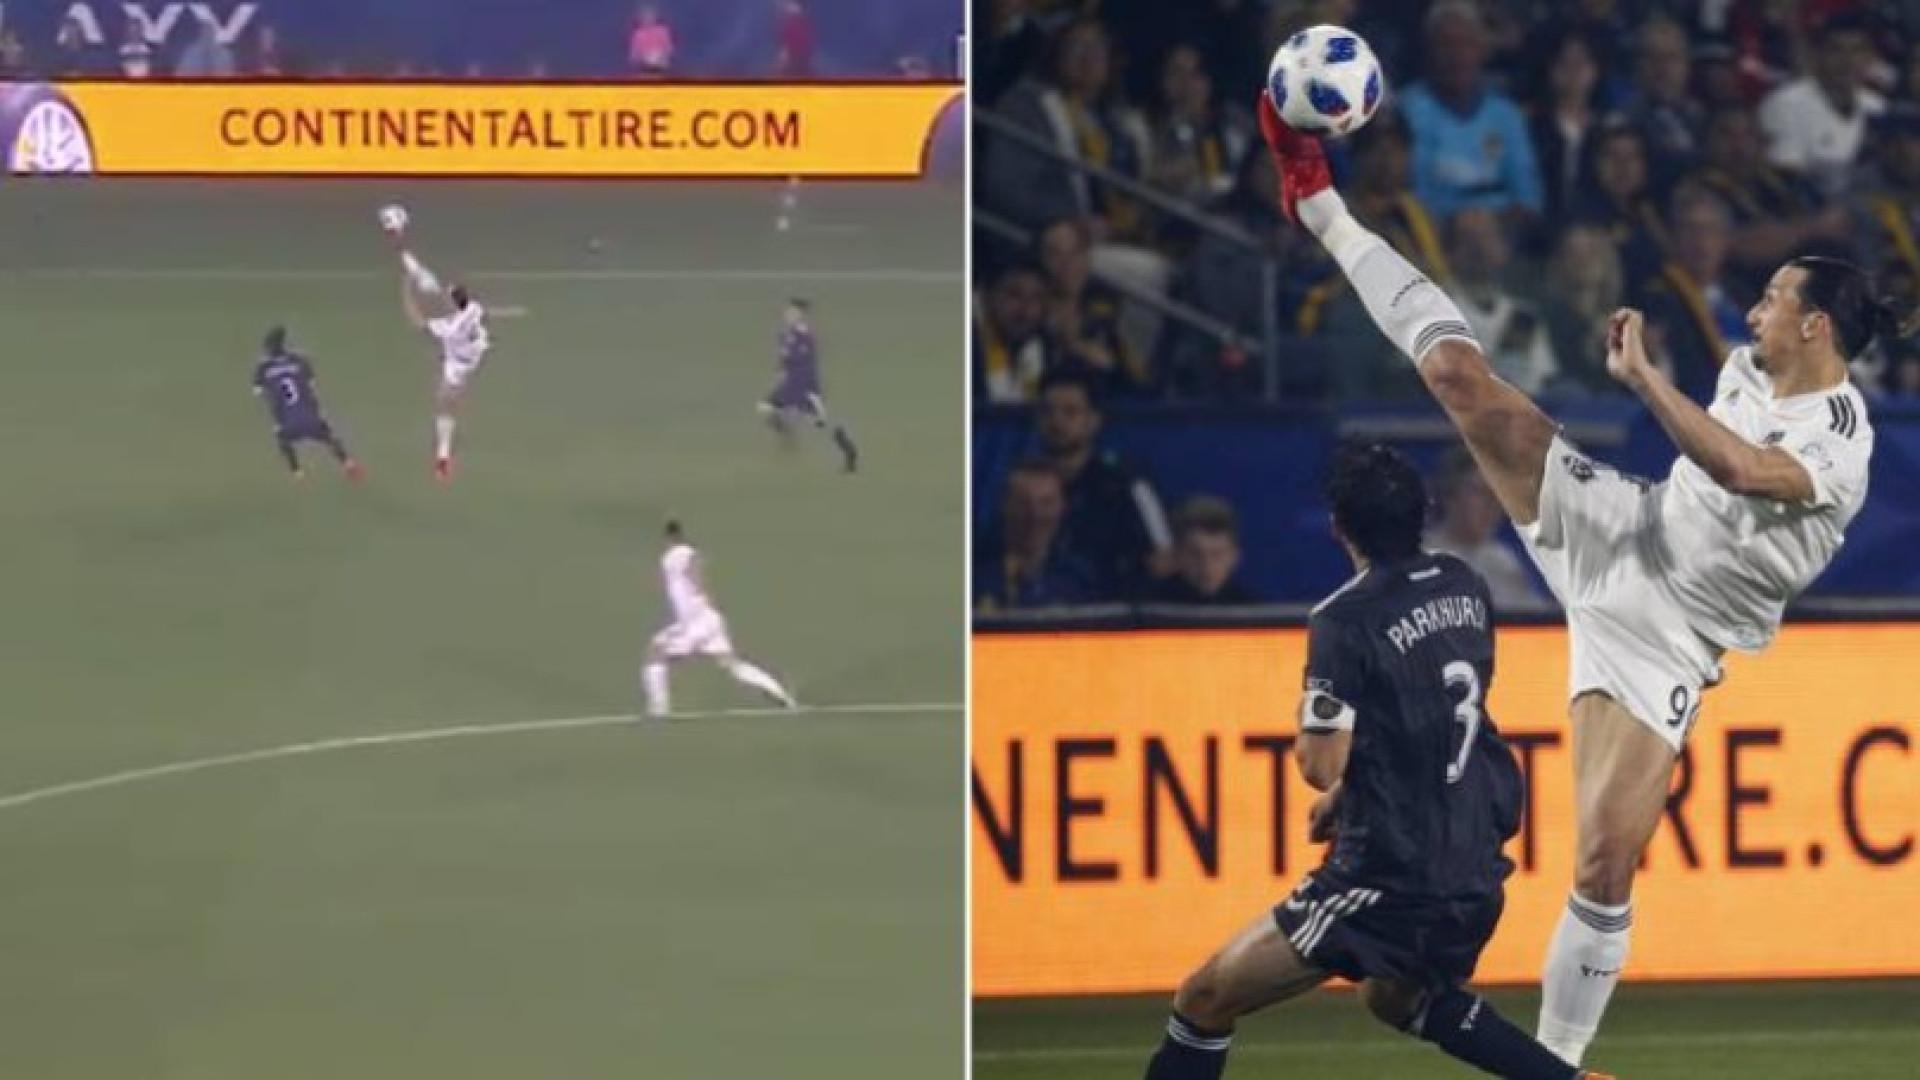 Técnico da Suécia afirma que não vai convocar Ibrahimovic para a Copa